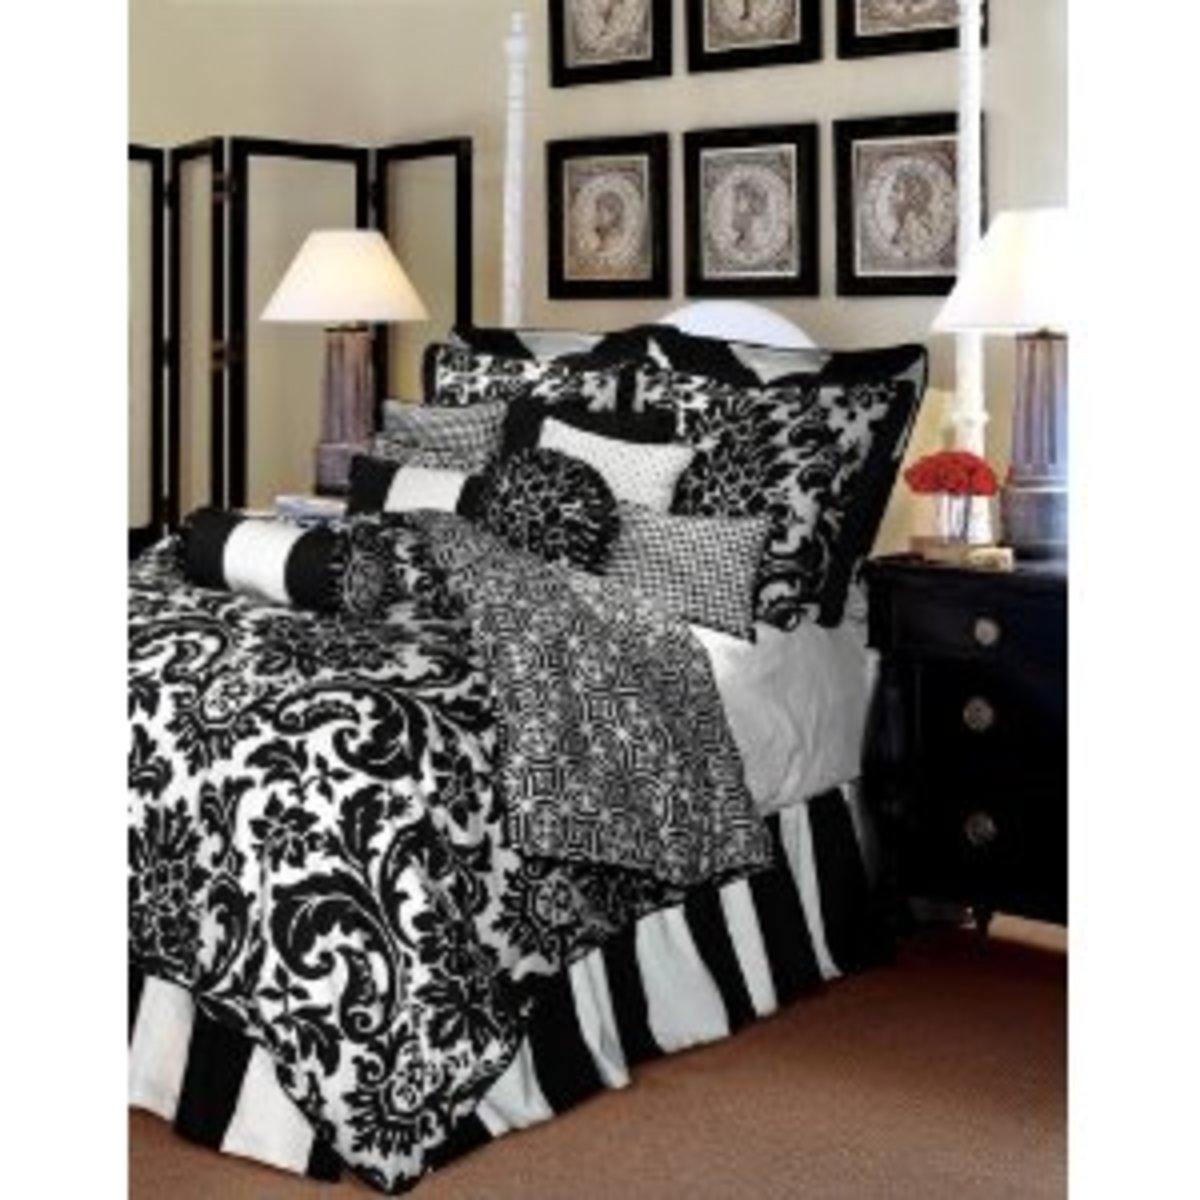 Comforter Sets - Black and White Comforter Sets